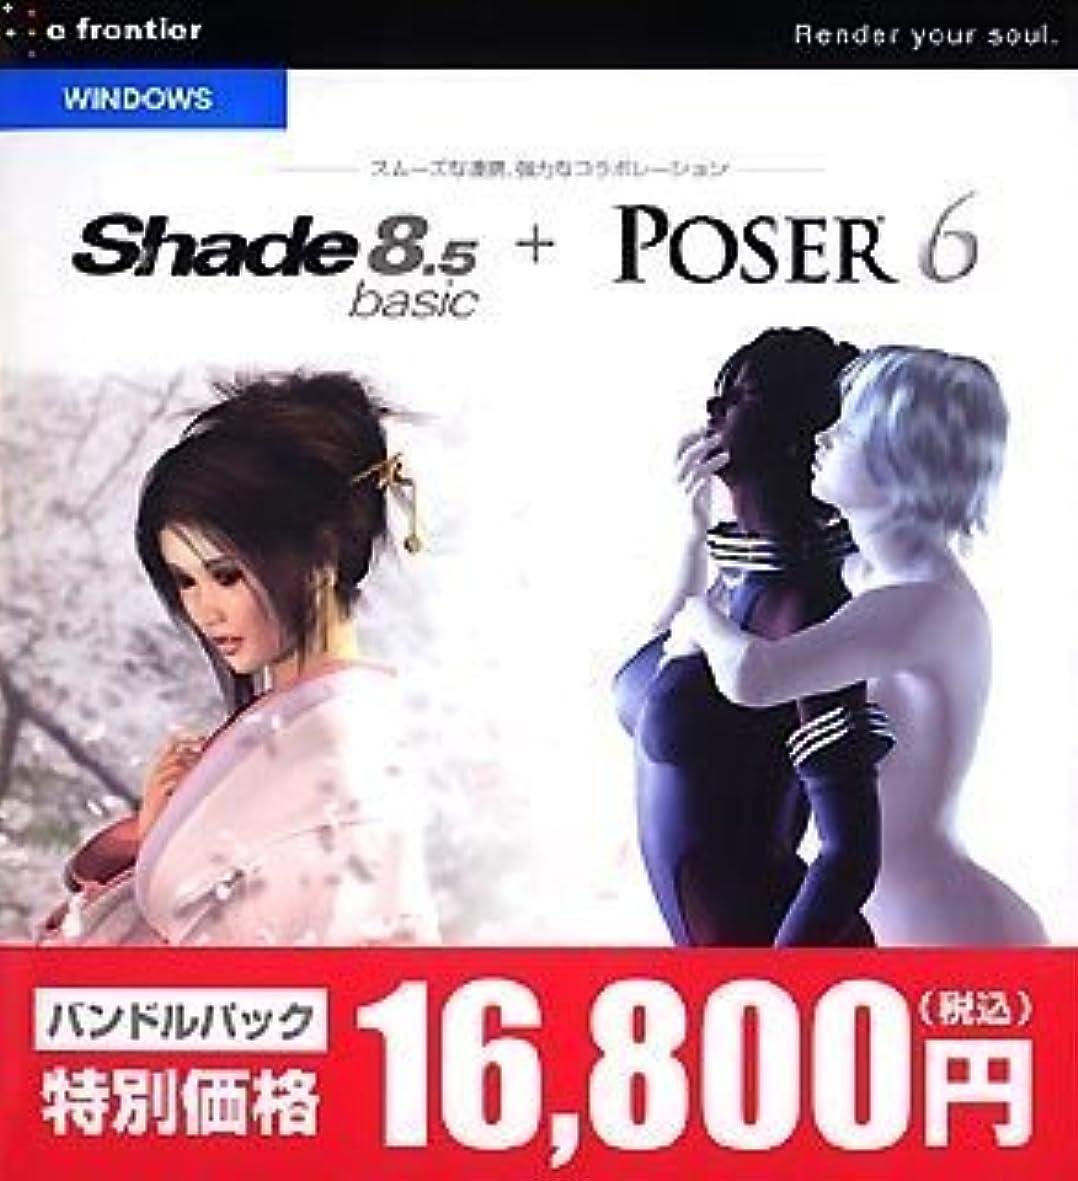 衰える合体漁師Shade 8.5 basic /Poser 6バンドル Windows